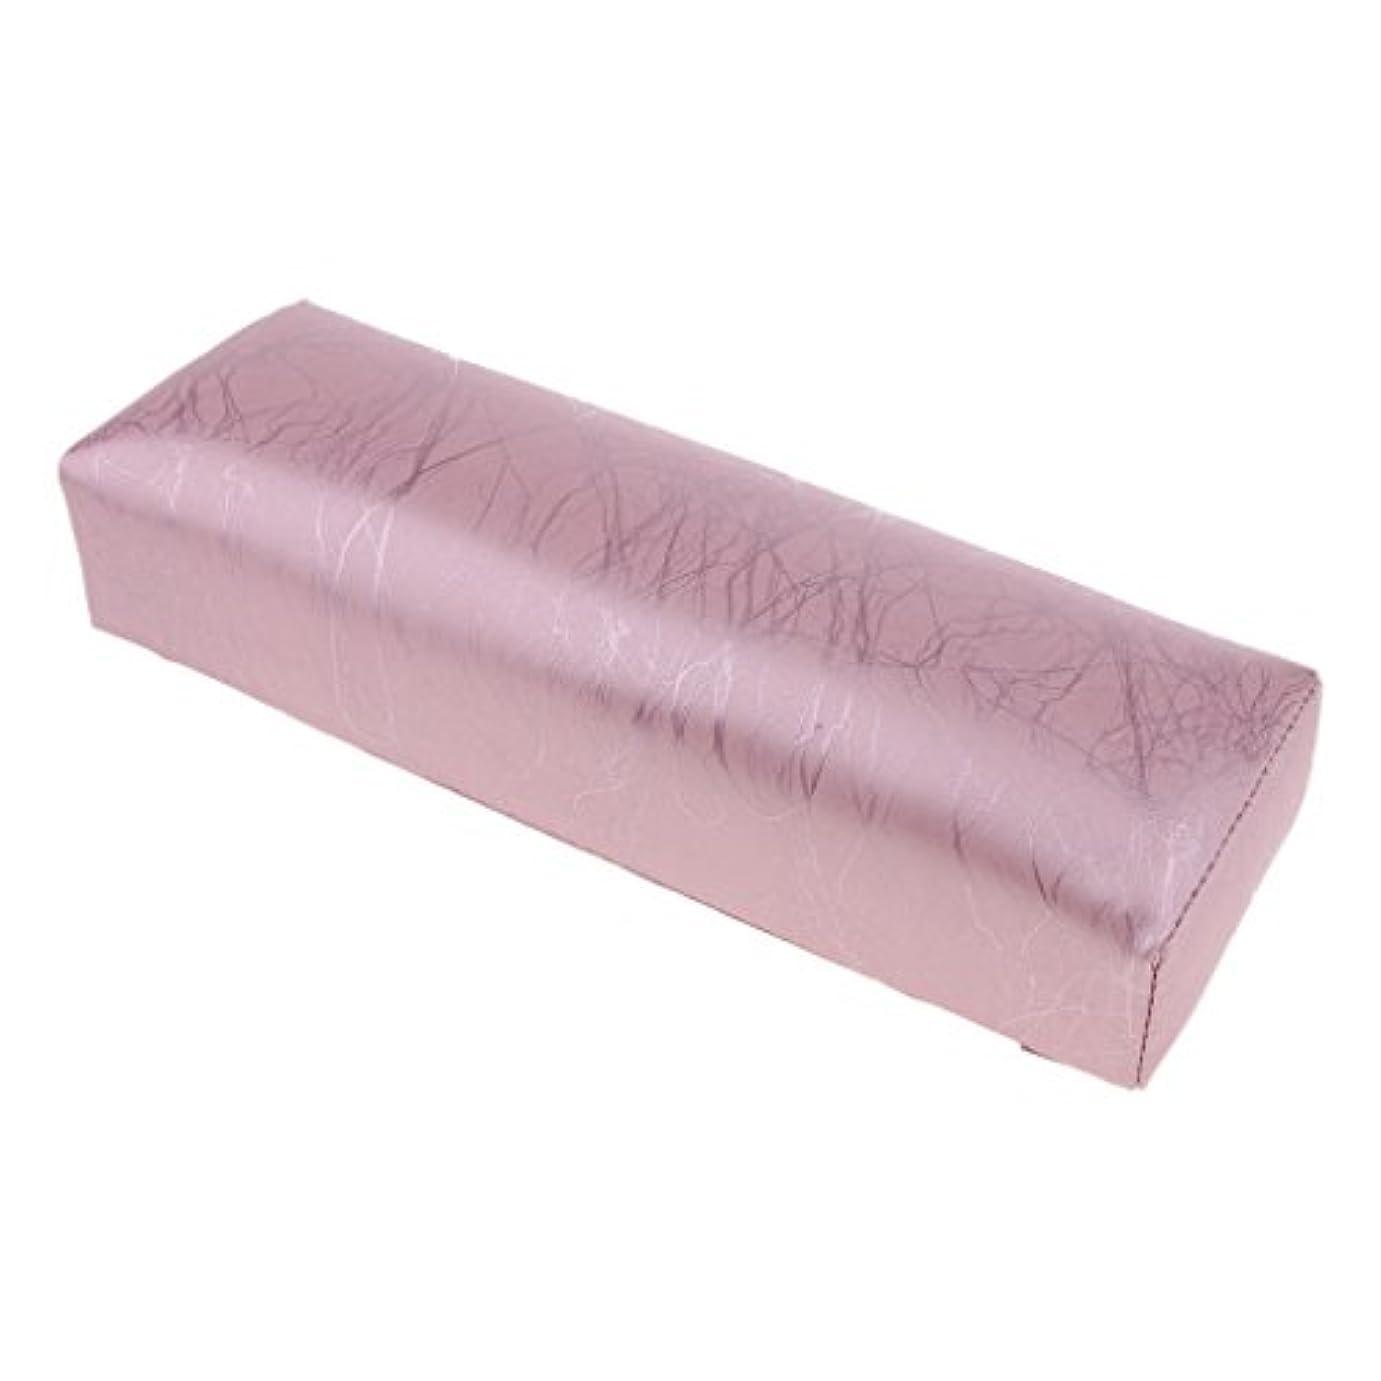 空中幻滅するチェリーハンドピロー ネイルアートピロー アームレストクッション ネイルアート デザイン ハンドレスト 全4色 - ピンク